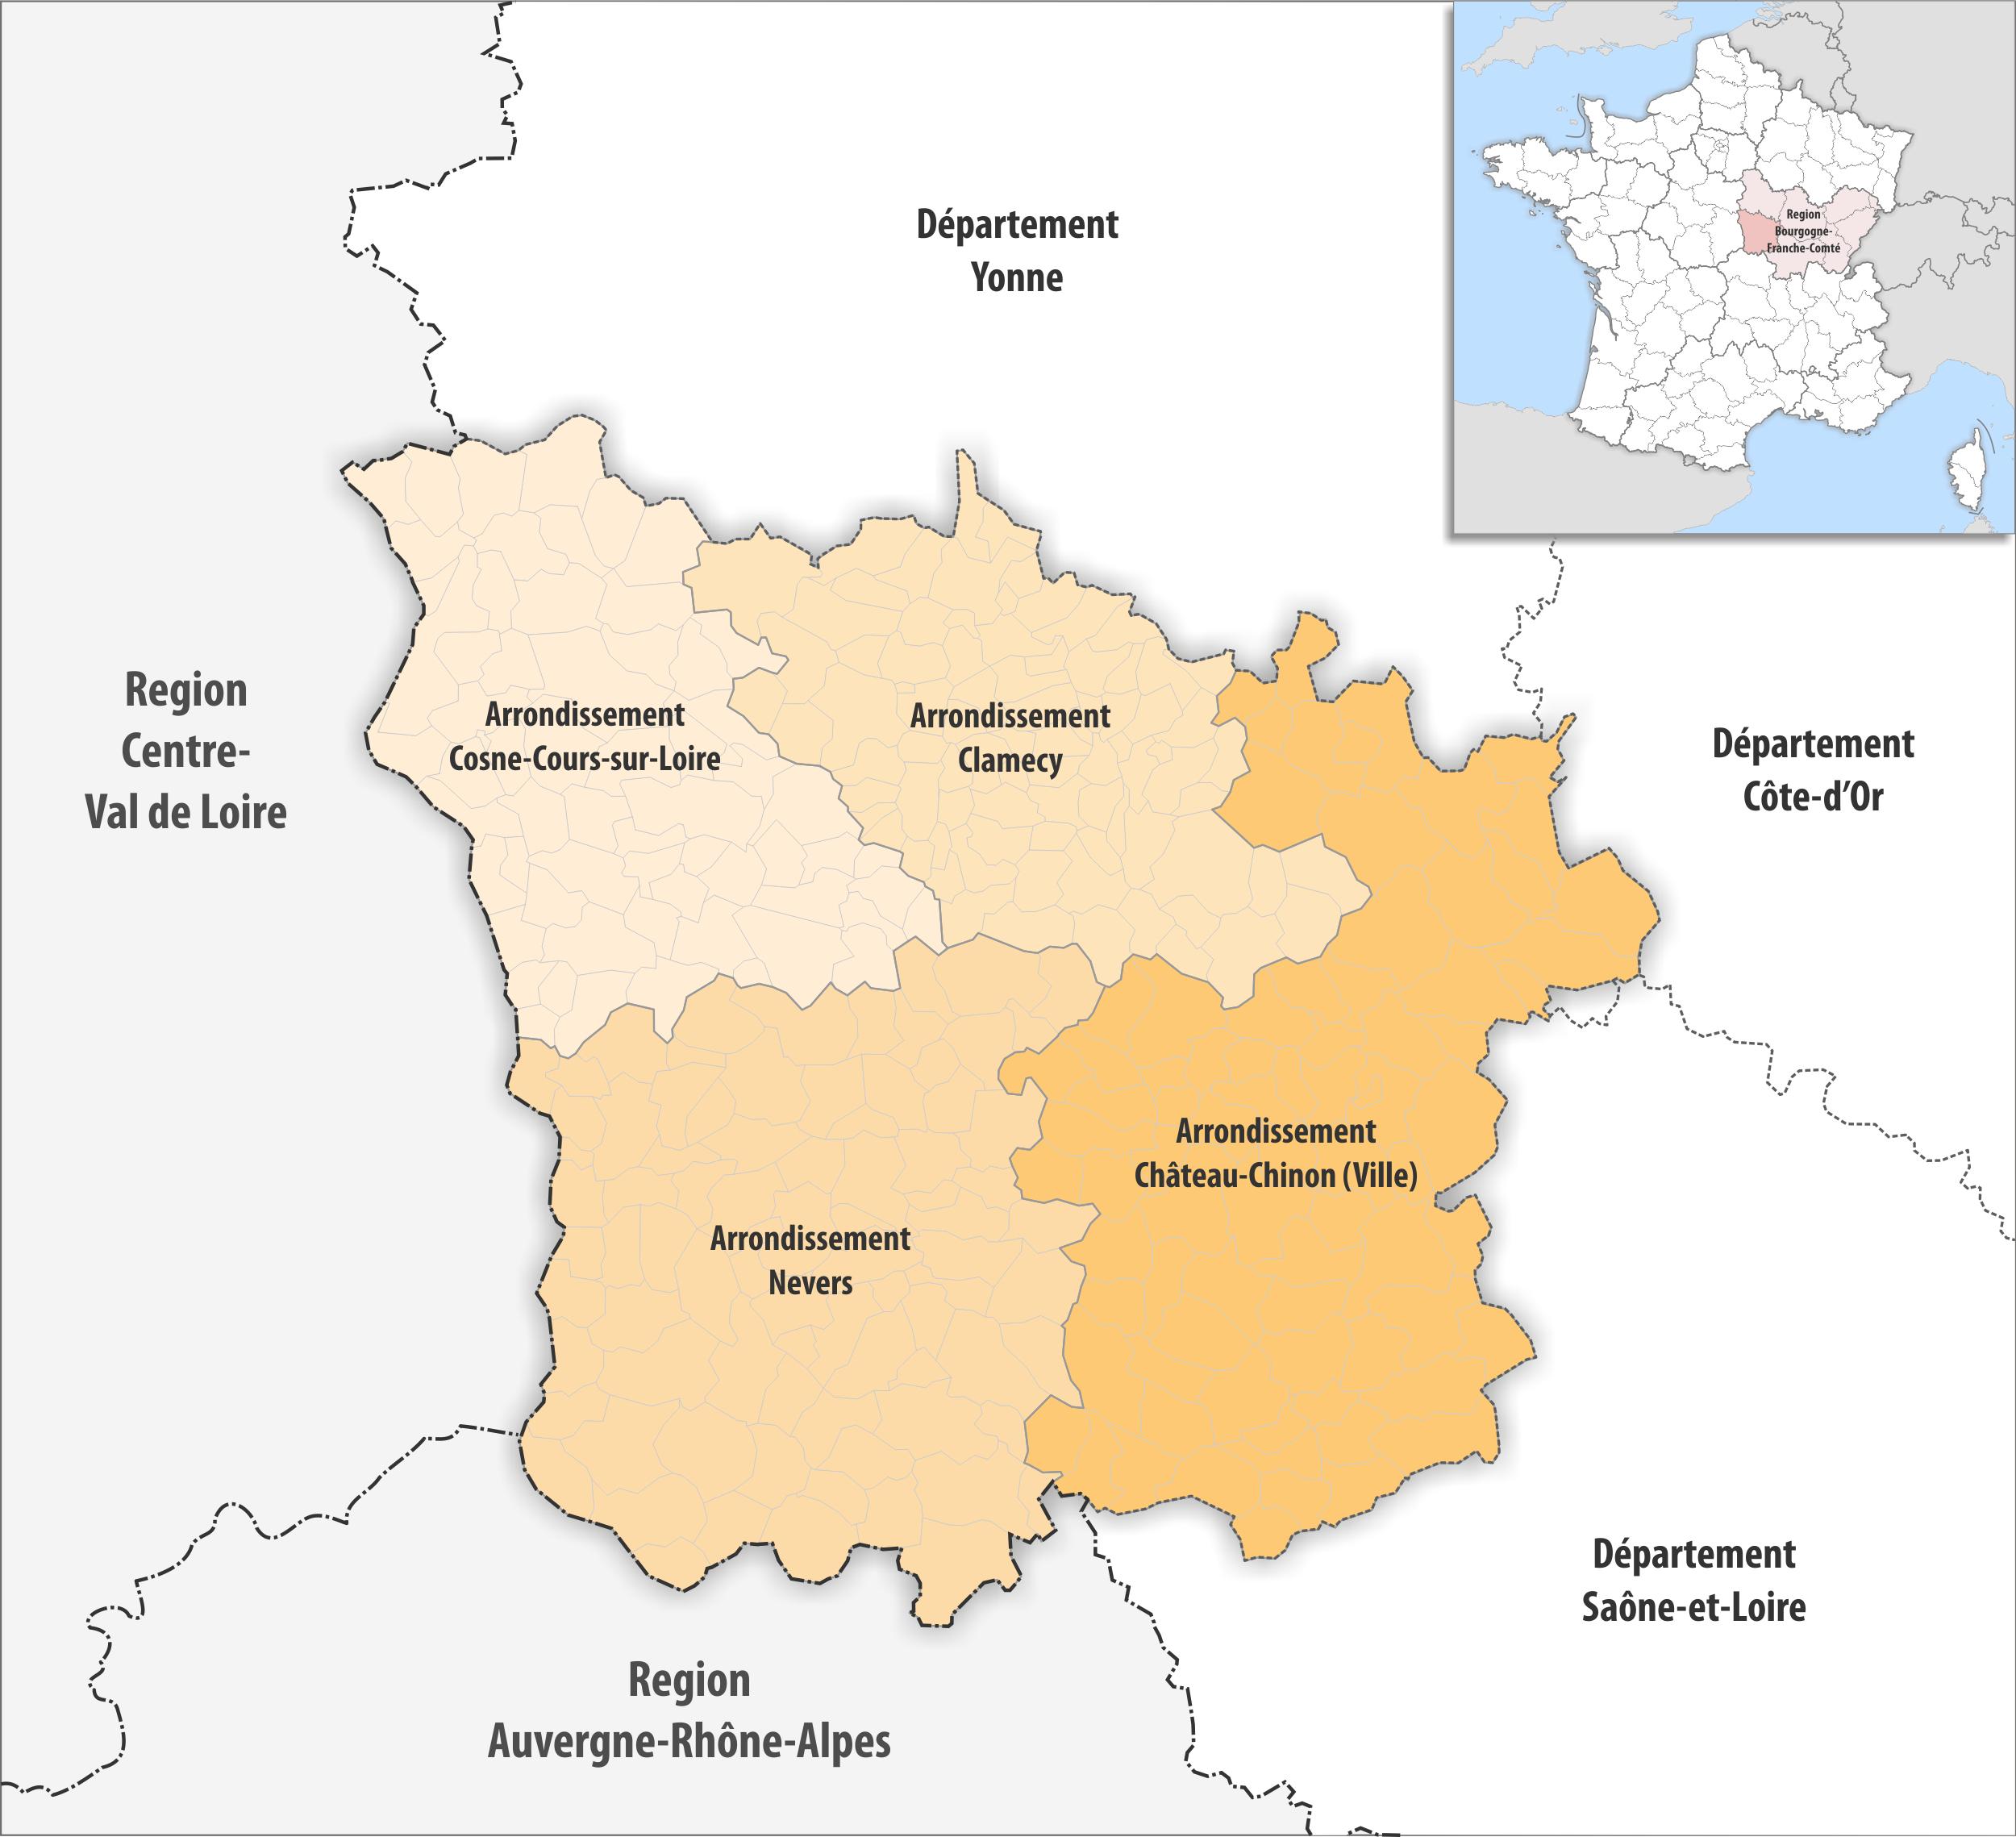 File:département Nièvre Arrondissement 2017 - Wikimedia serapportantà Departement 22 Region